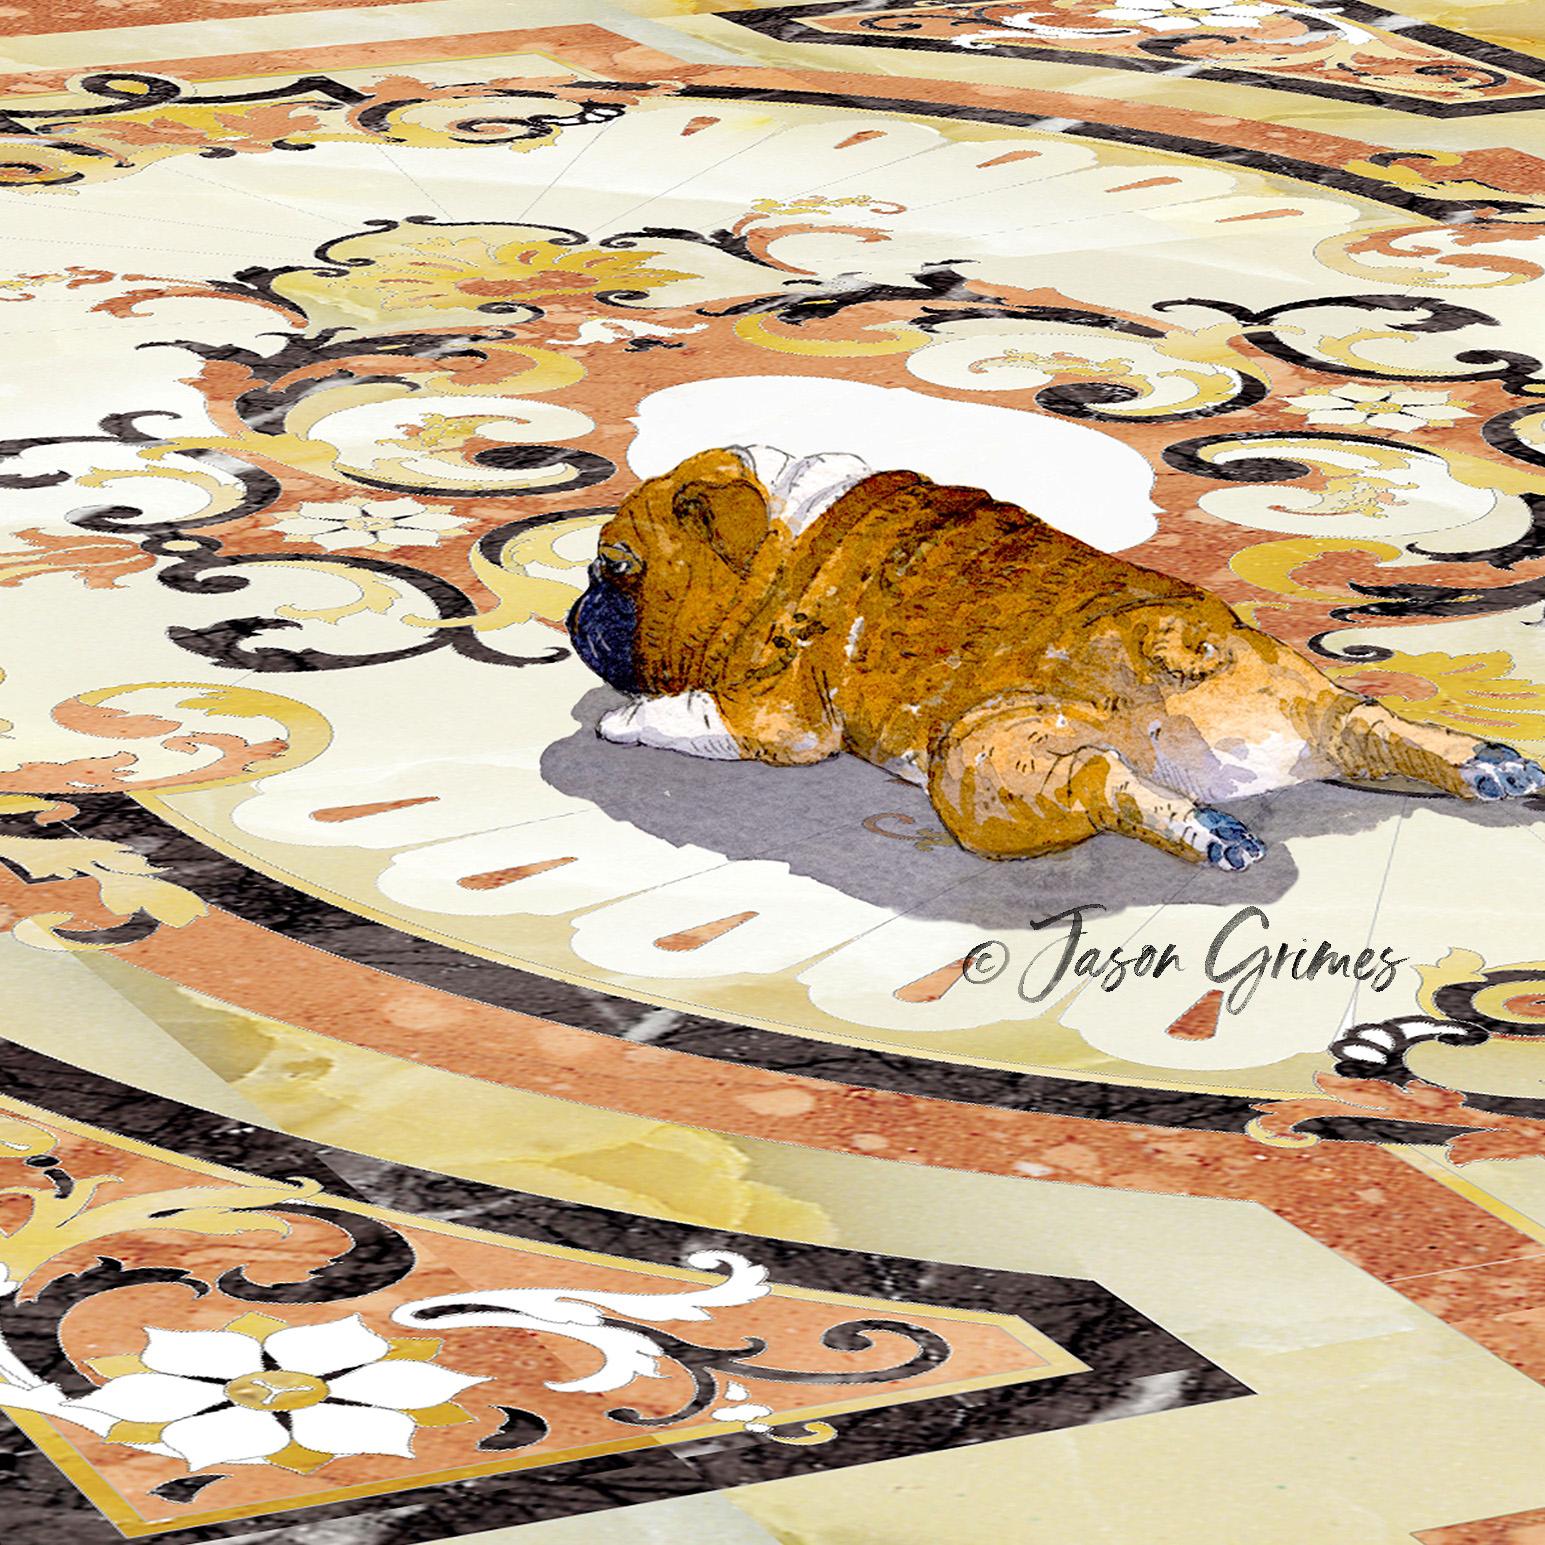 jason grimes bulldog stone.jpg